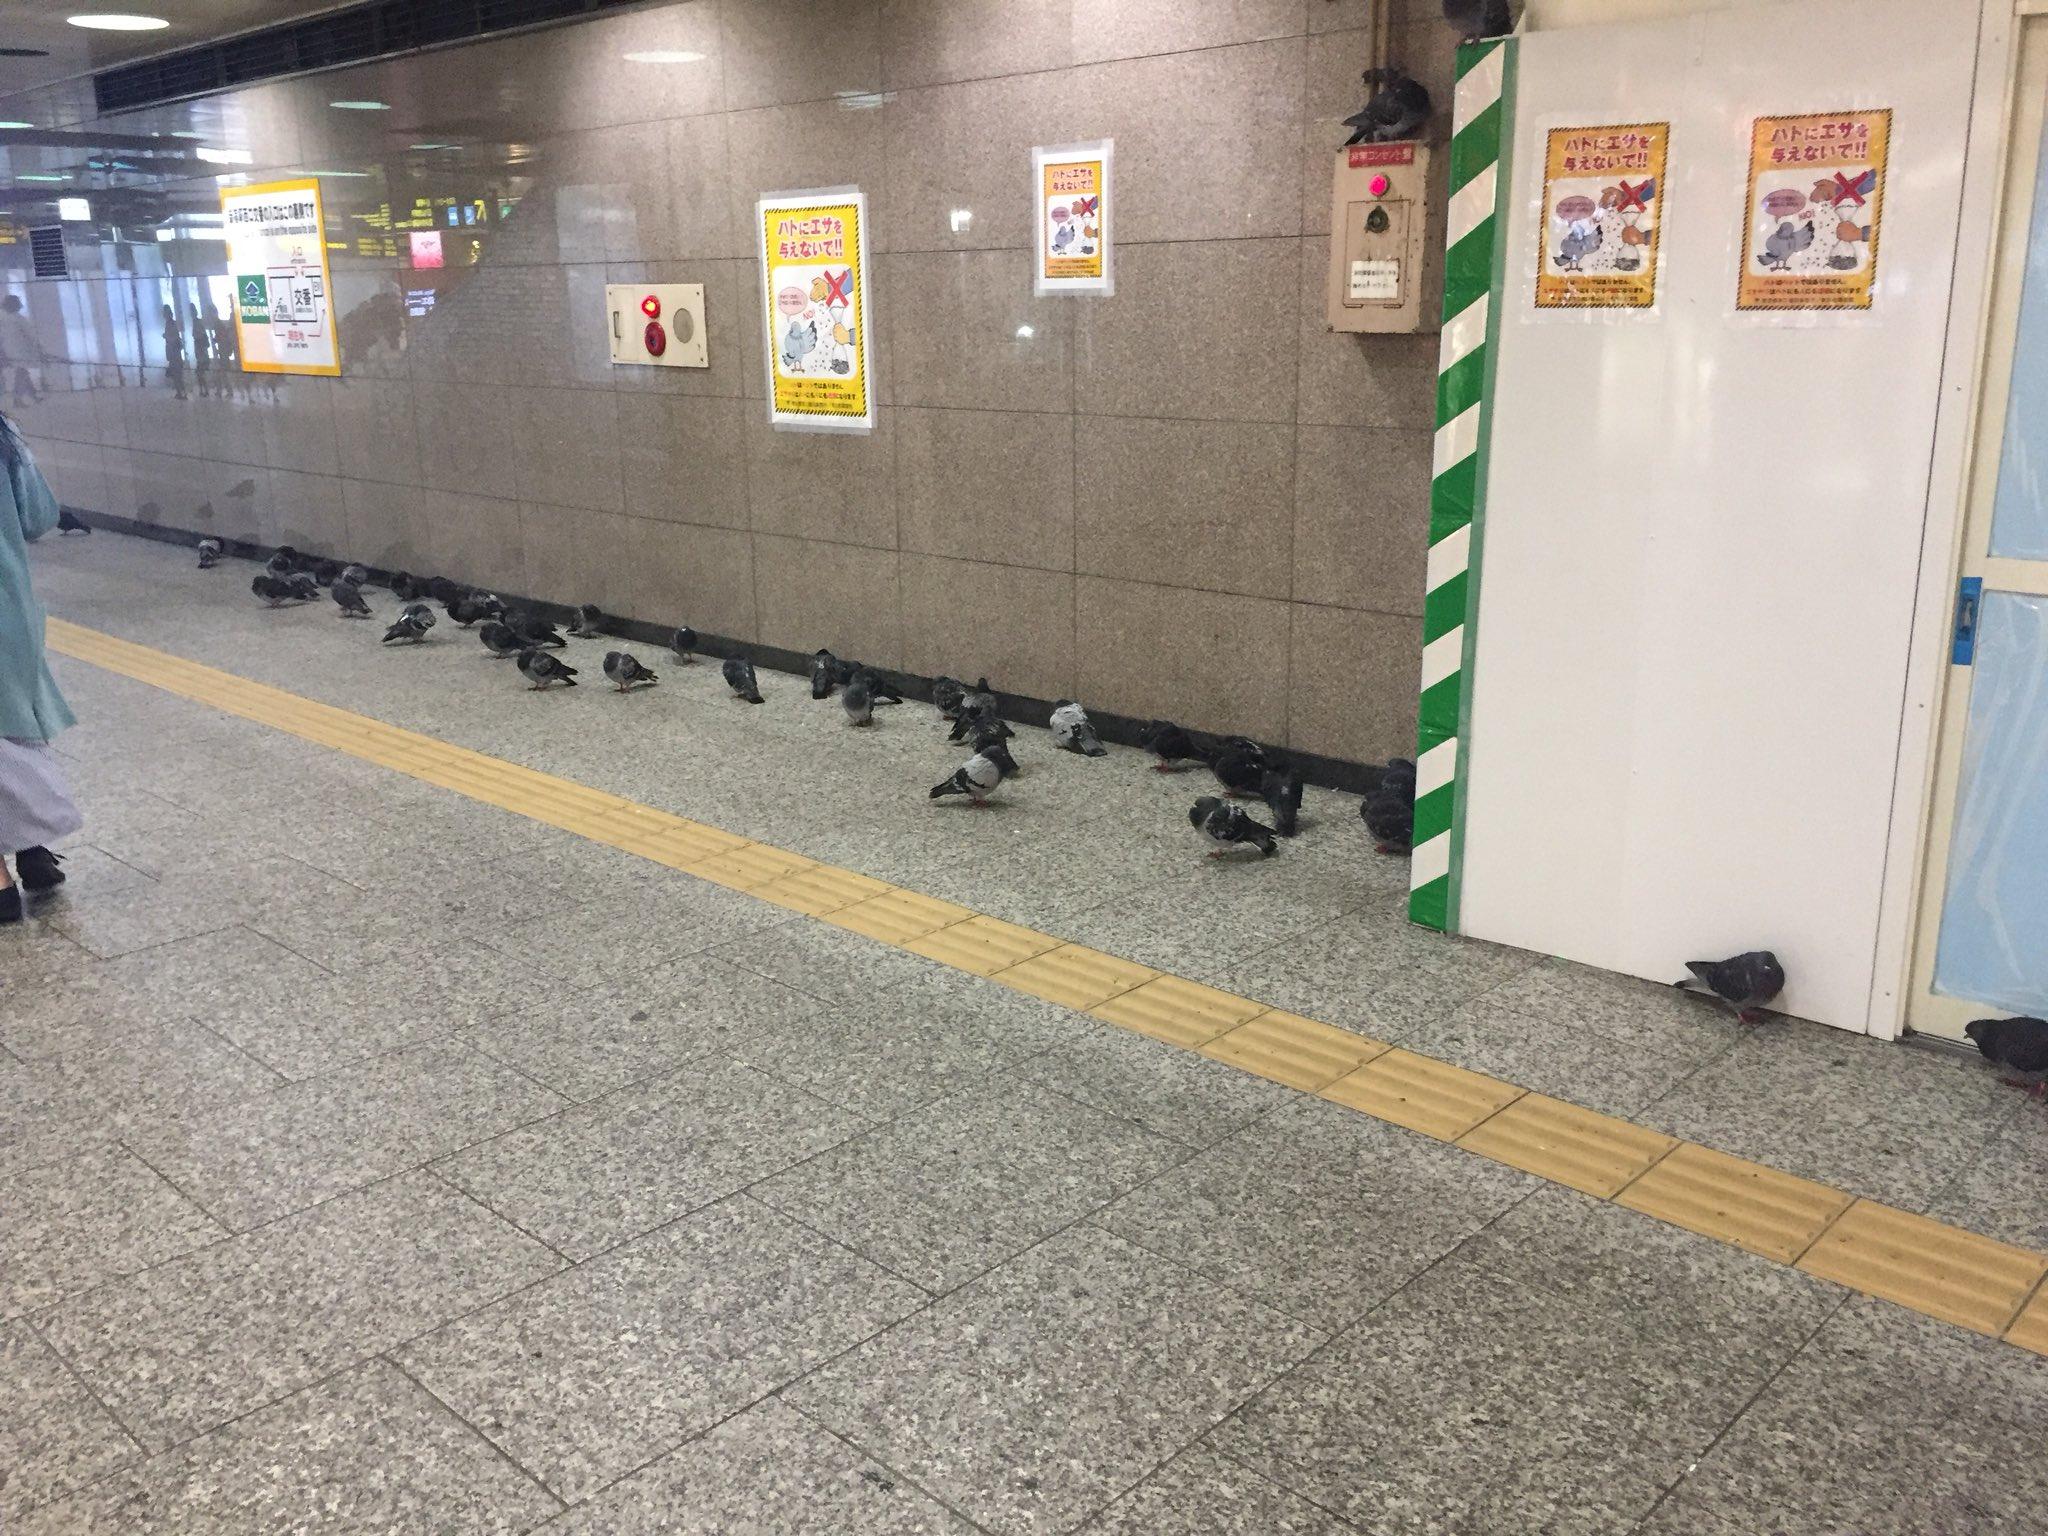 鳩が新宿駅構内に避難するレベルやぞ https://t.co/F1BZG7fmlM